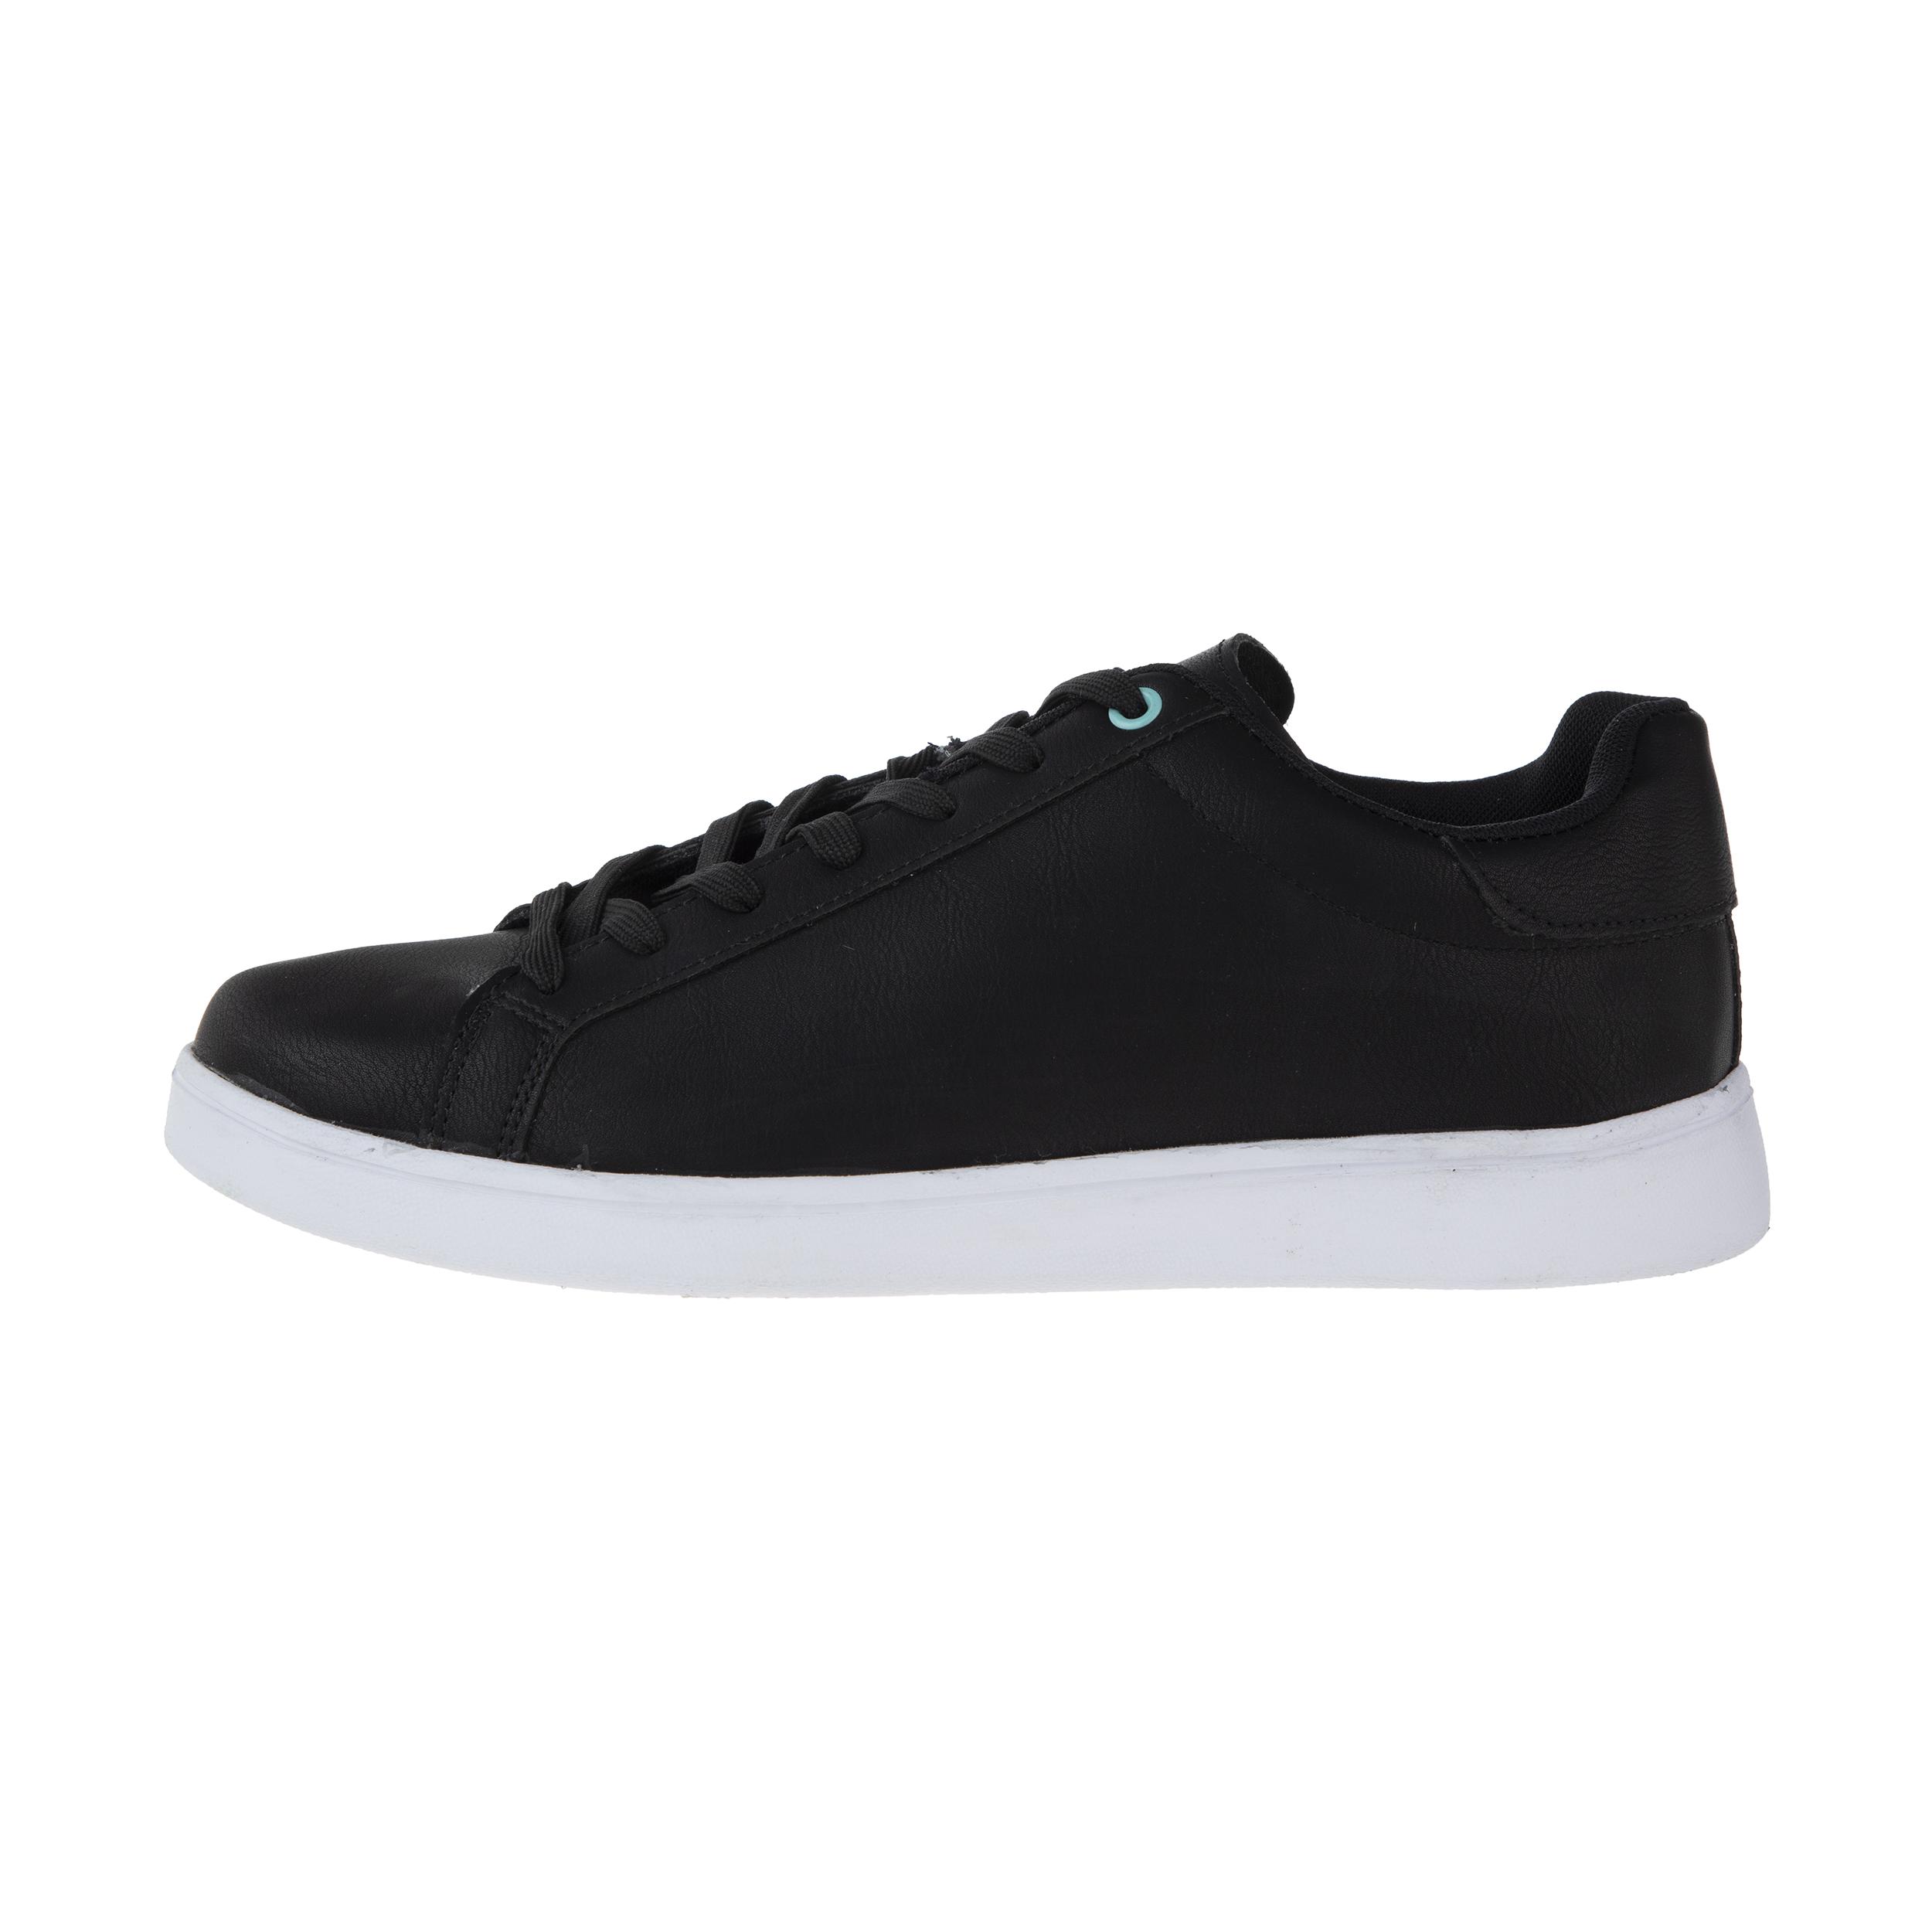 کفش راحتی مردانه آر ان اس مدل 142001-99